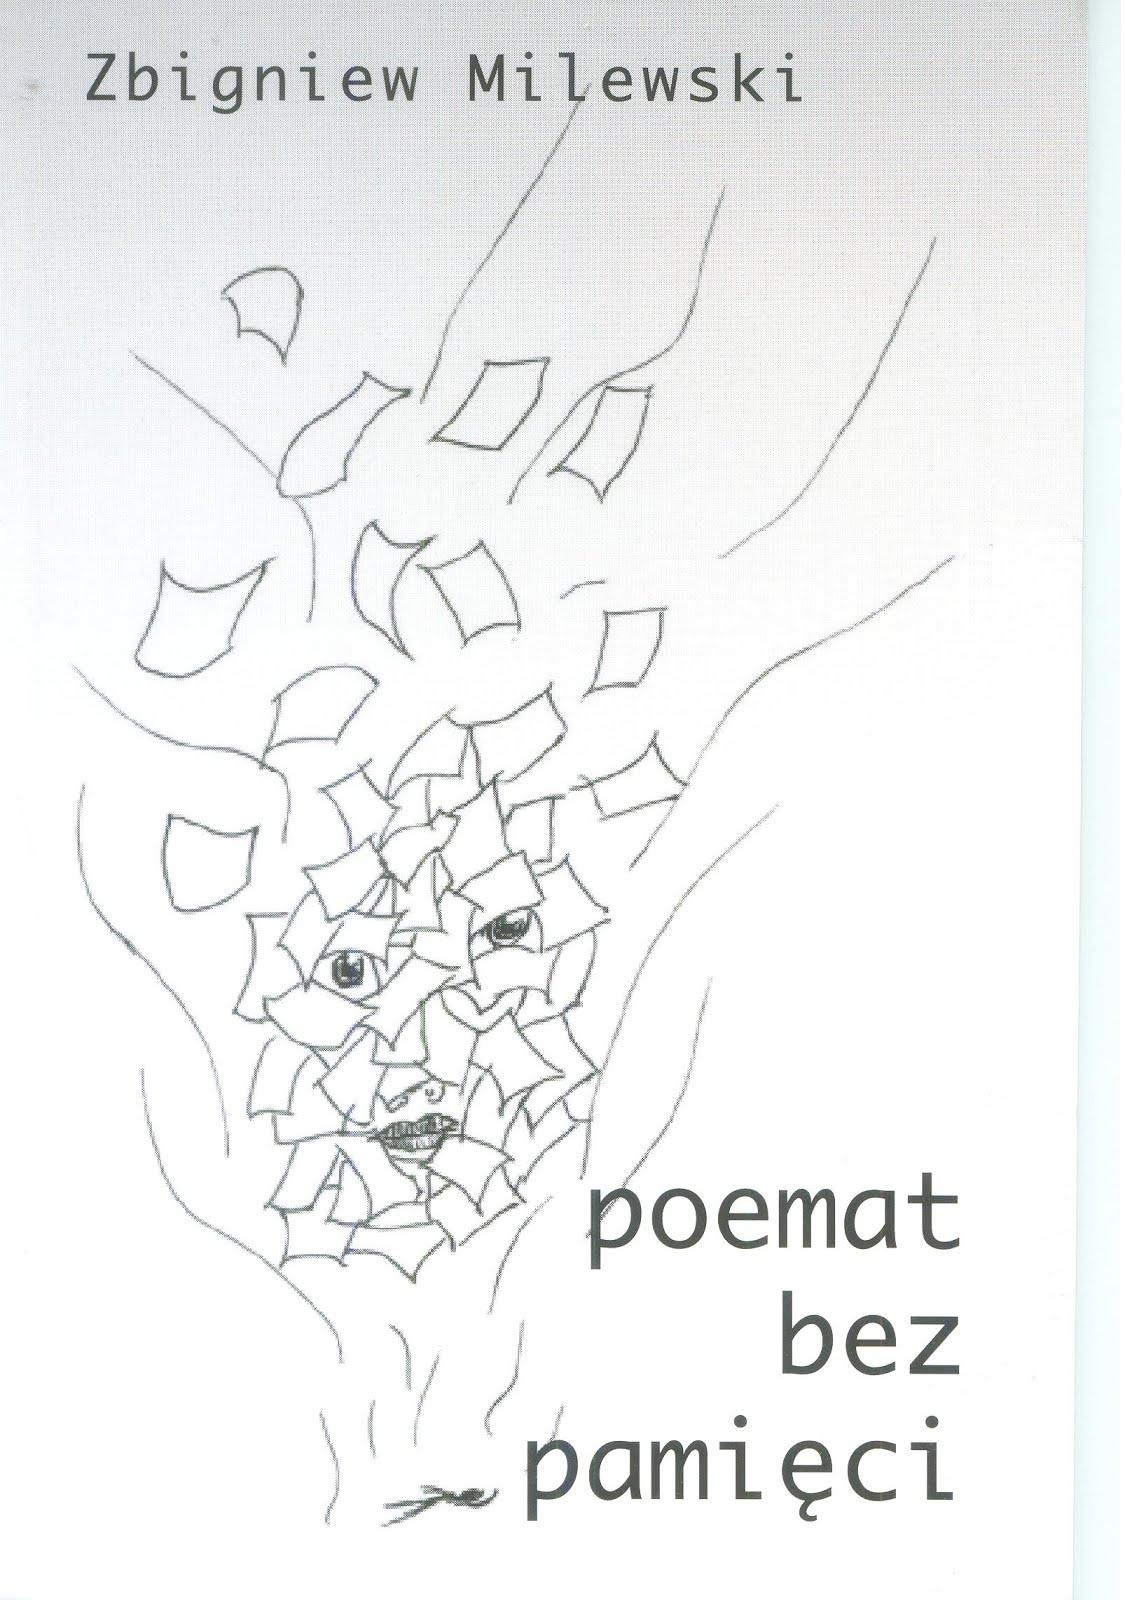 """Zbigniew Milewski - """"Poemat bez pamięci"""""""